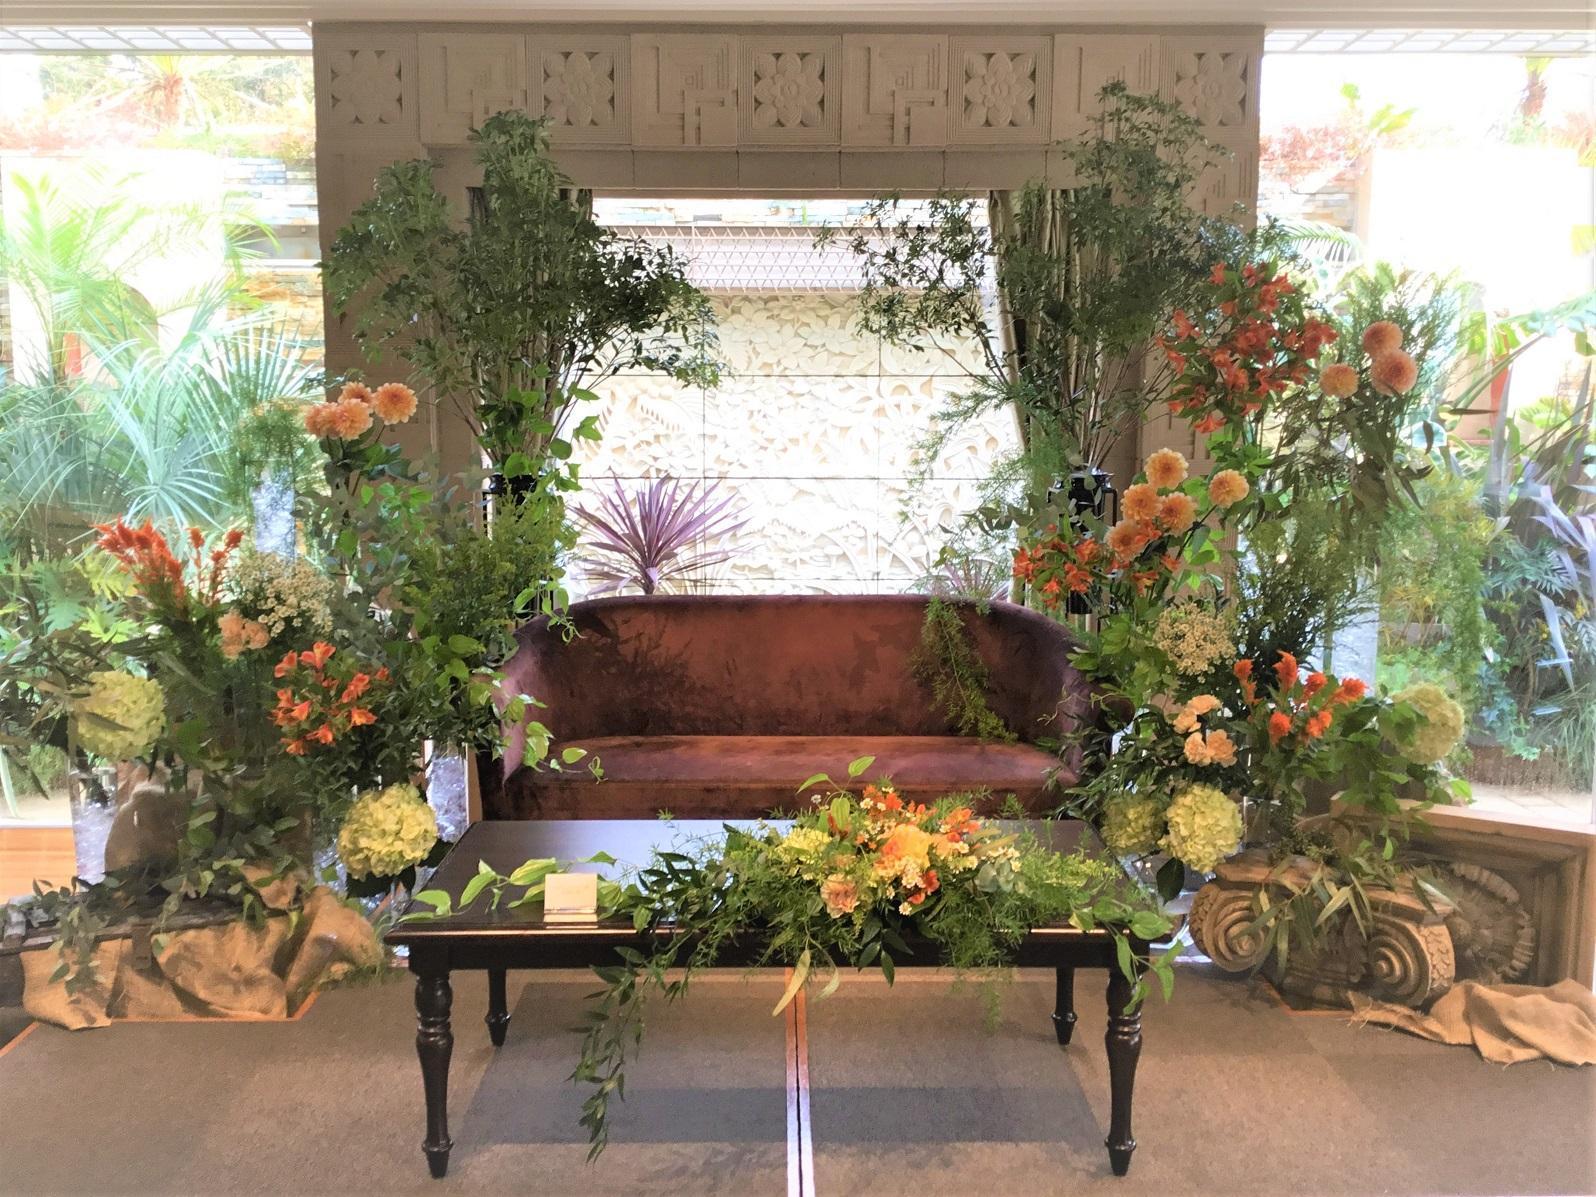 ブライダル装花製作経験者募集!!安定の上場企業